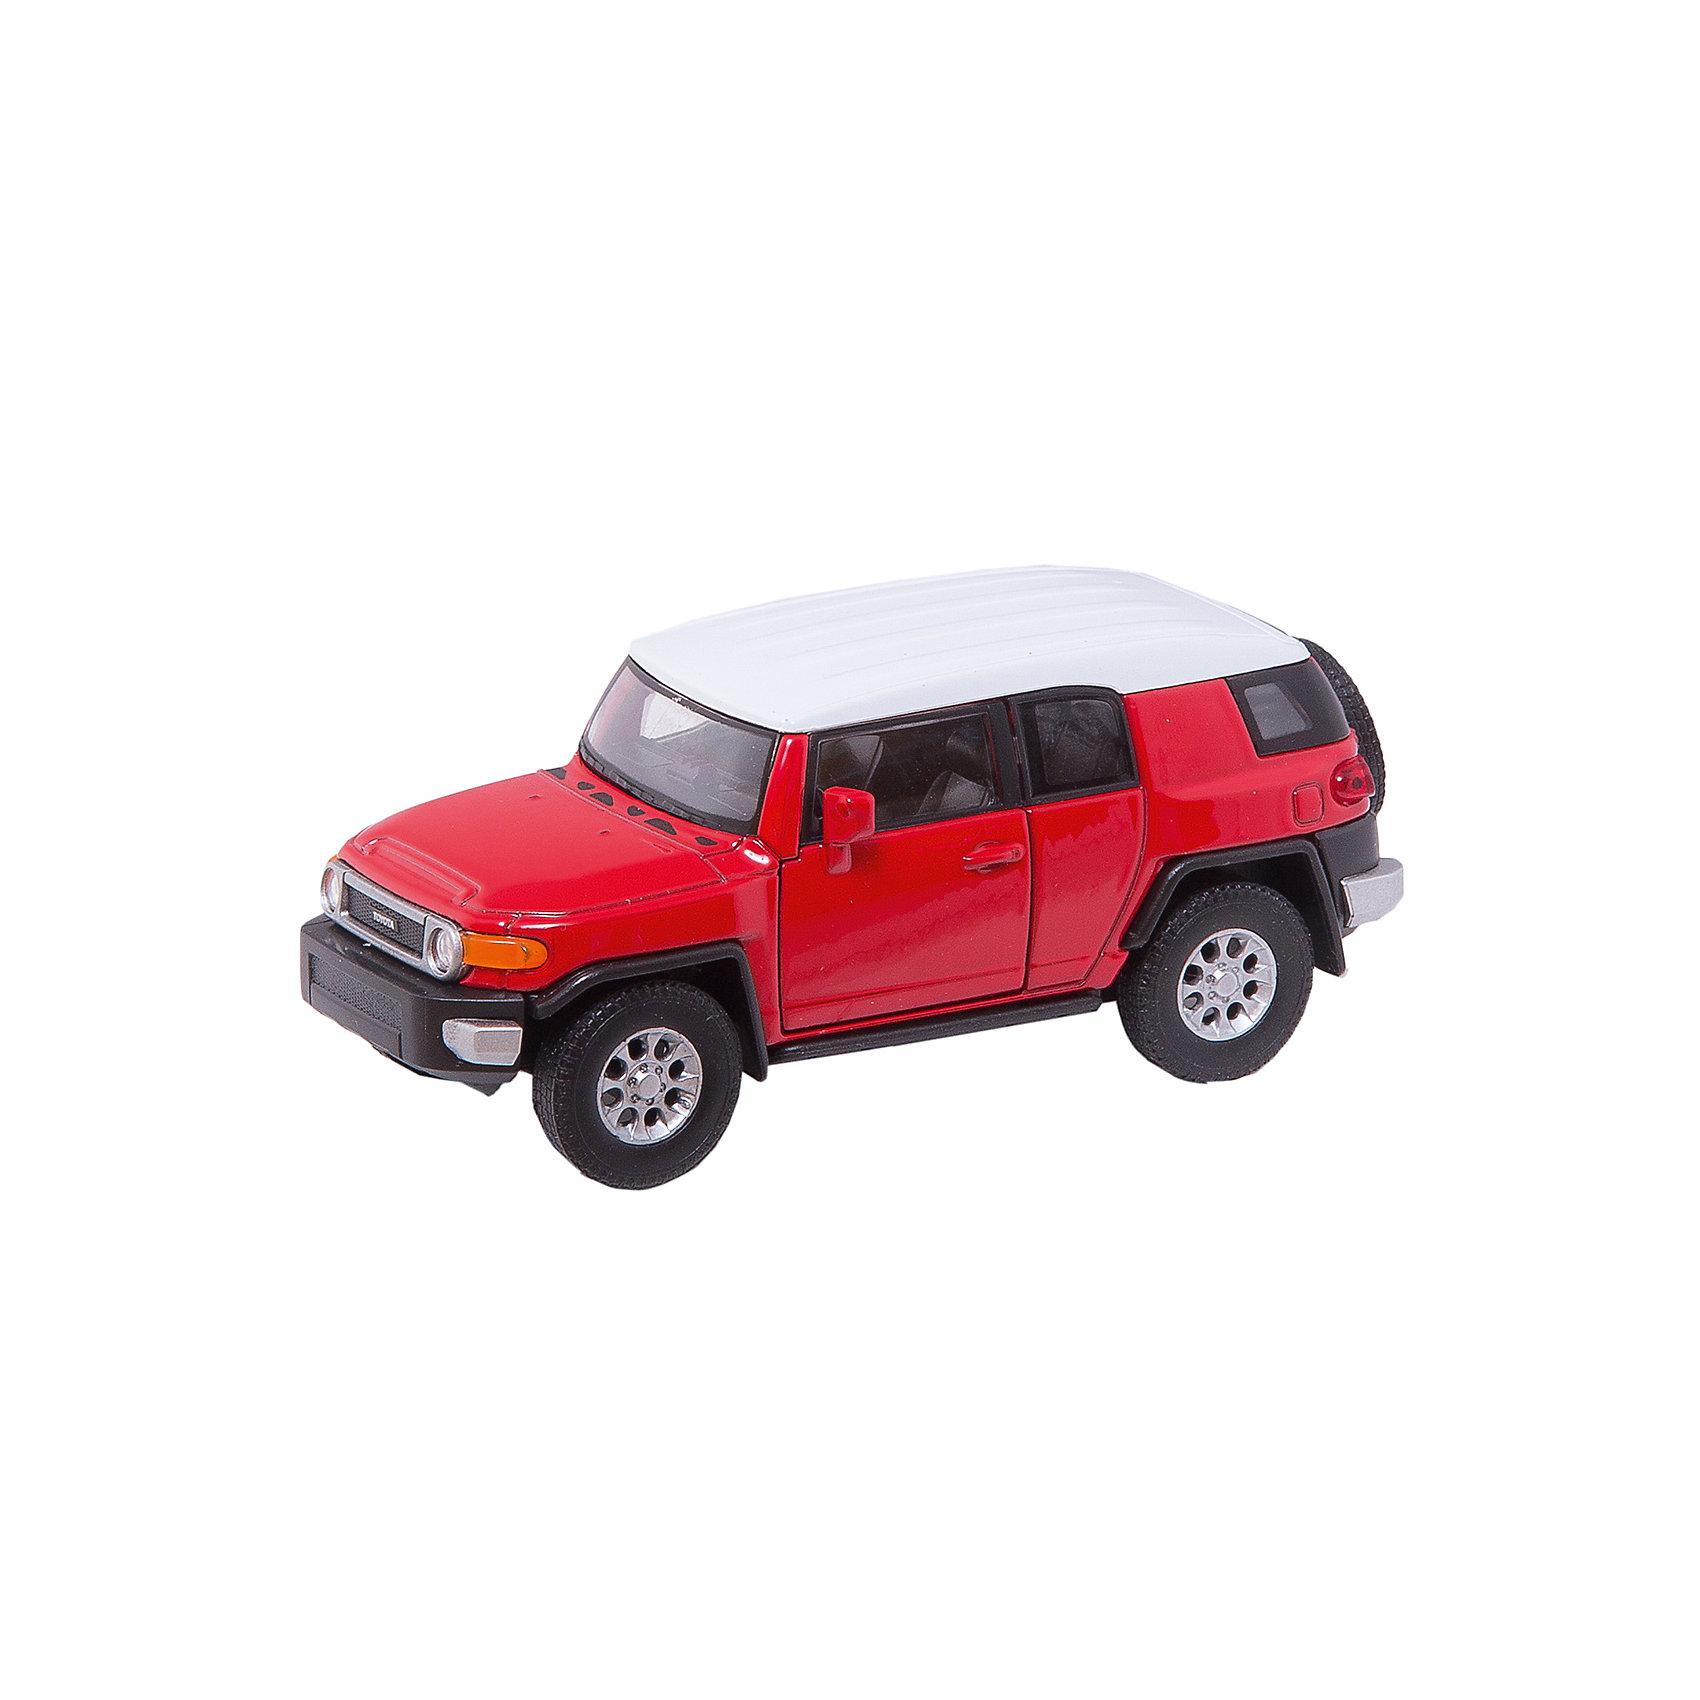 ������ ������ 1:34-39 Toyota FJ Cruiser, Welly